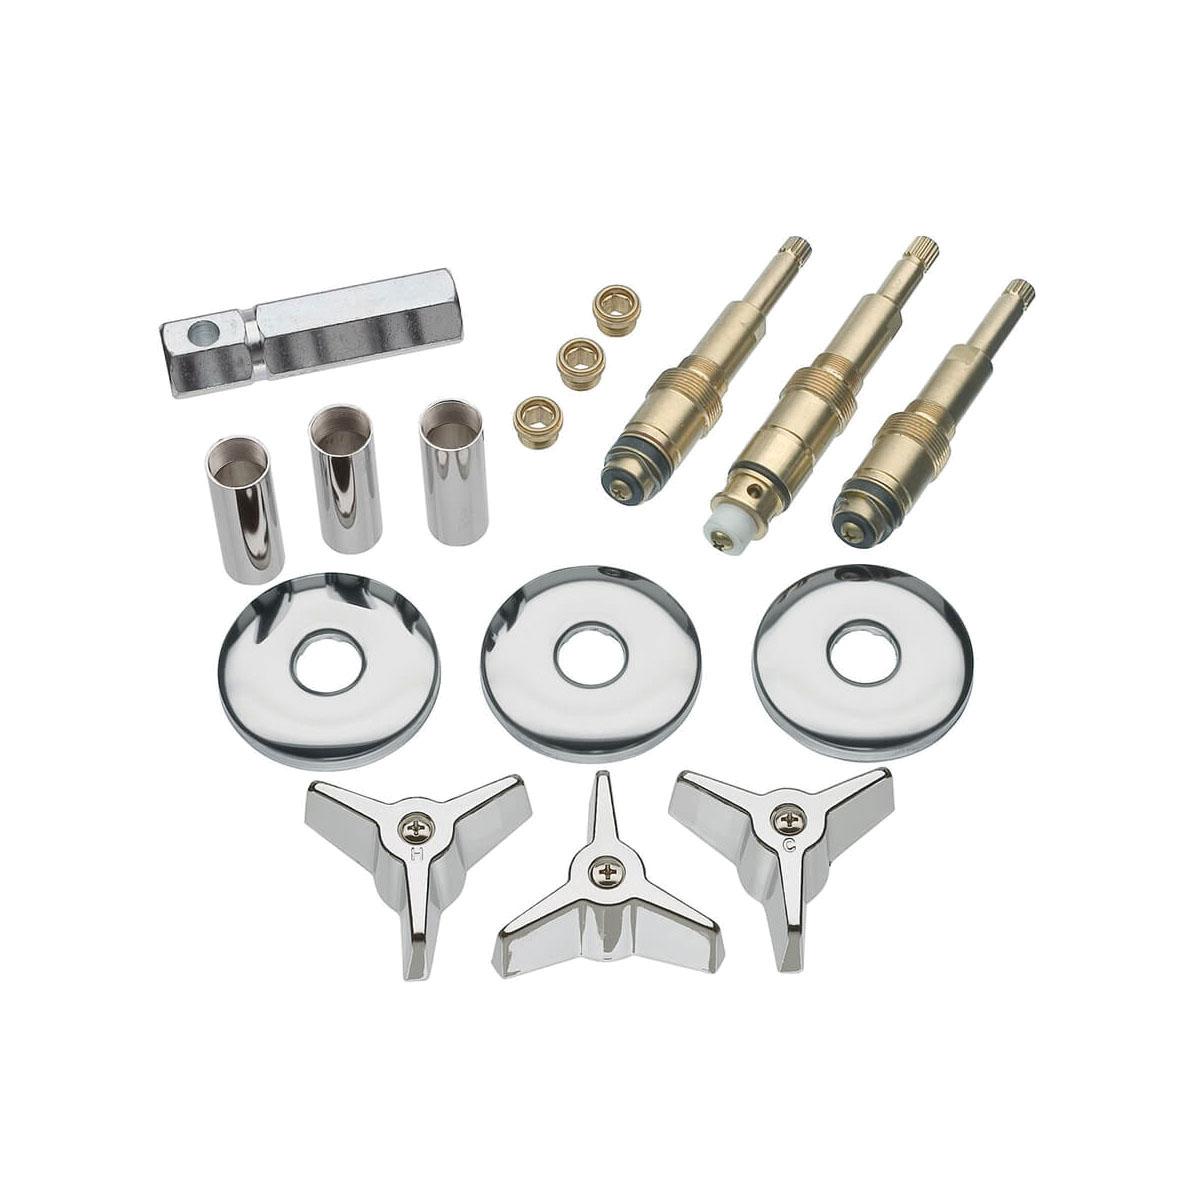 DANCO™ 39614 Tub/Shower 3-Handle Remodeling Kit, Brass, Polished Chrome